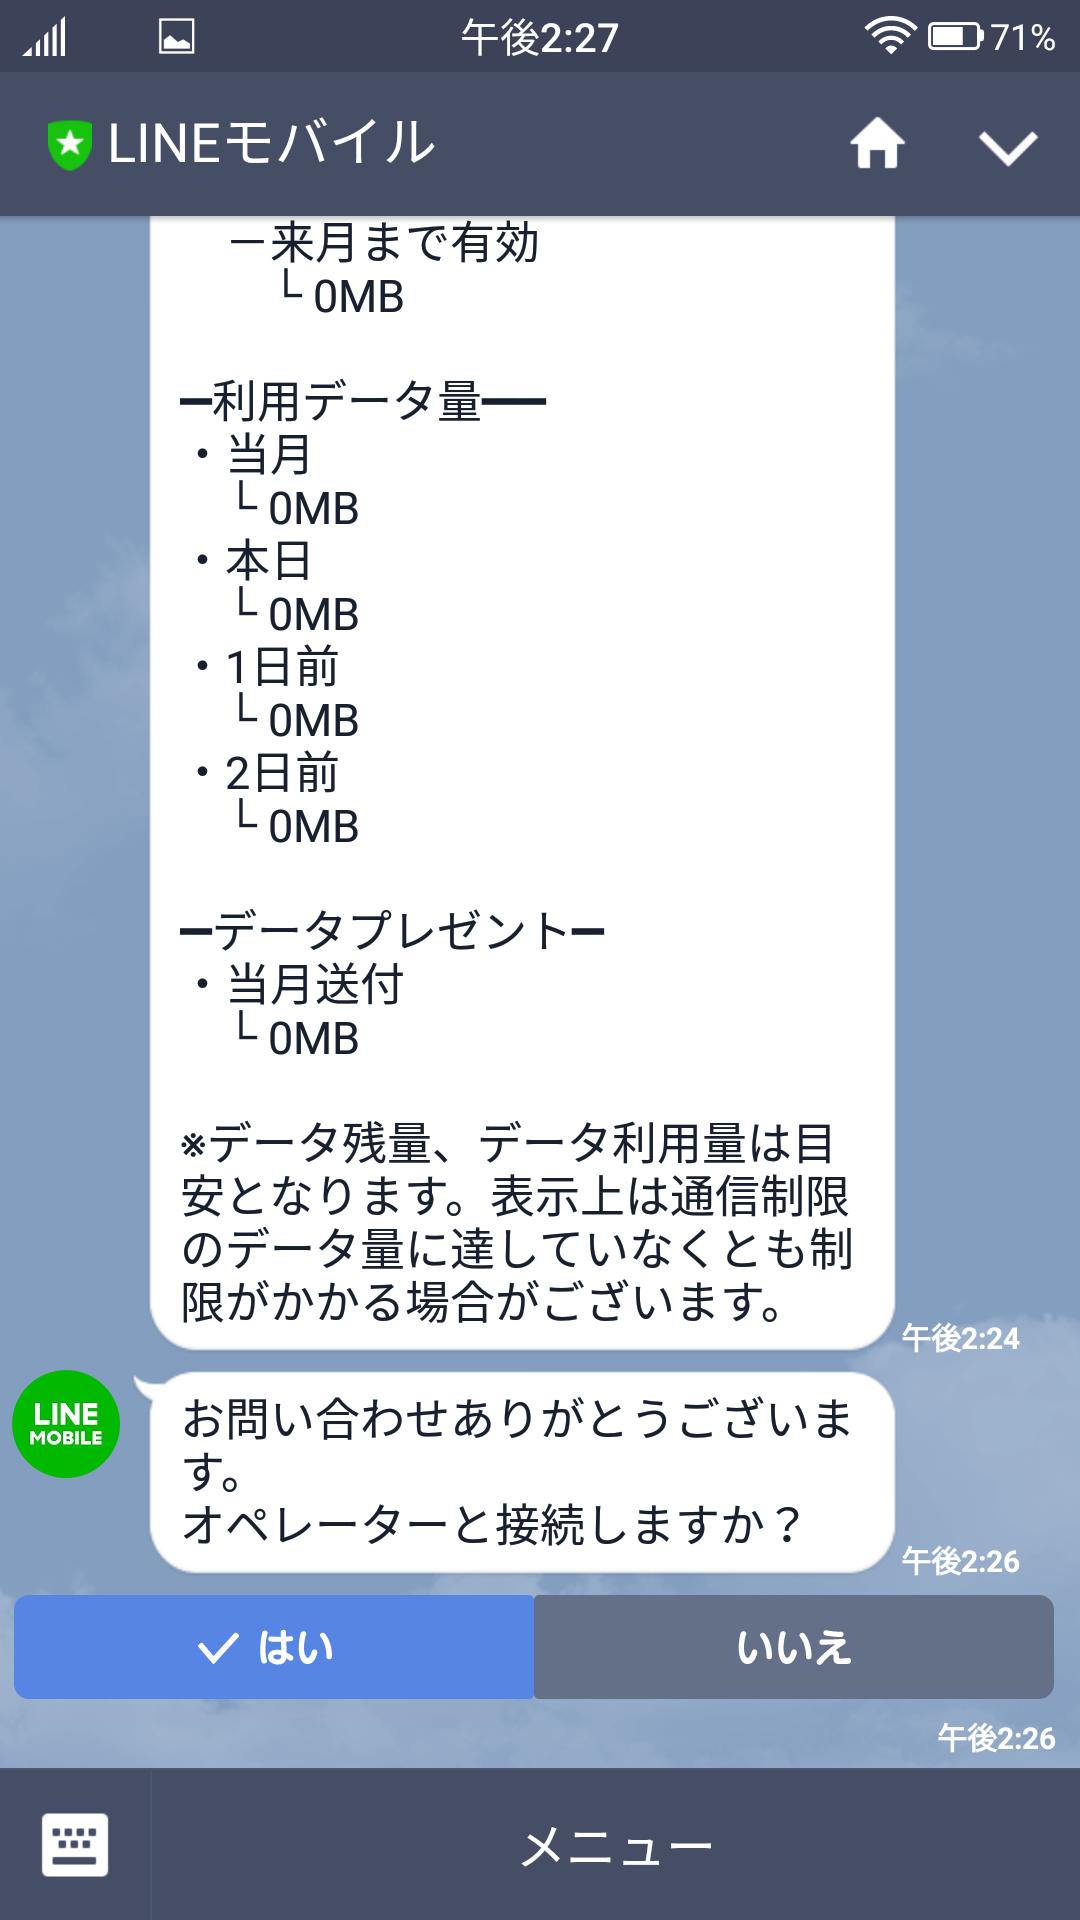 LINEモバイル:LINEアカウントでサポートを受ける。その3